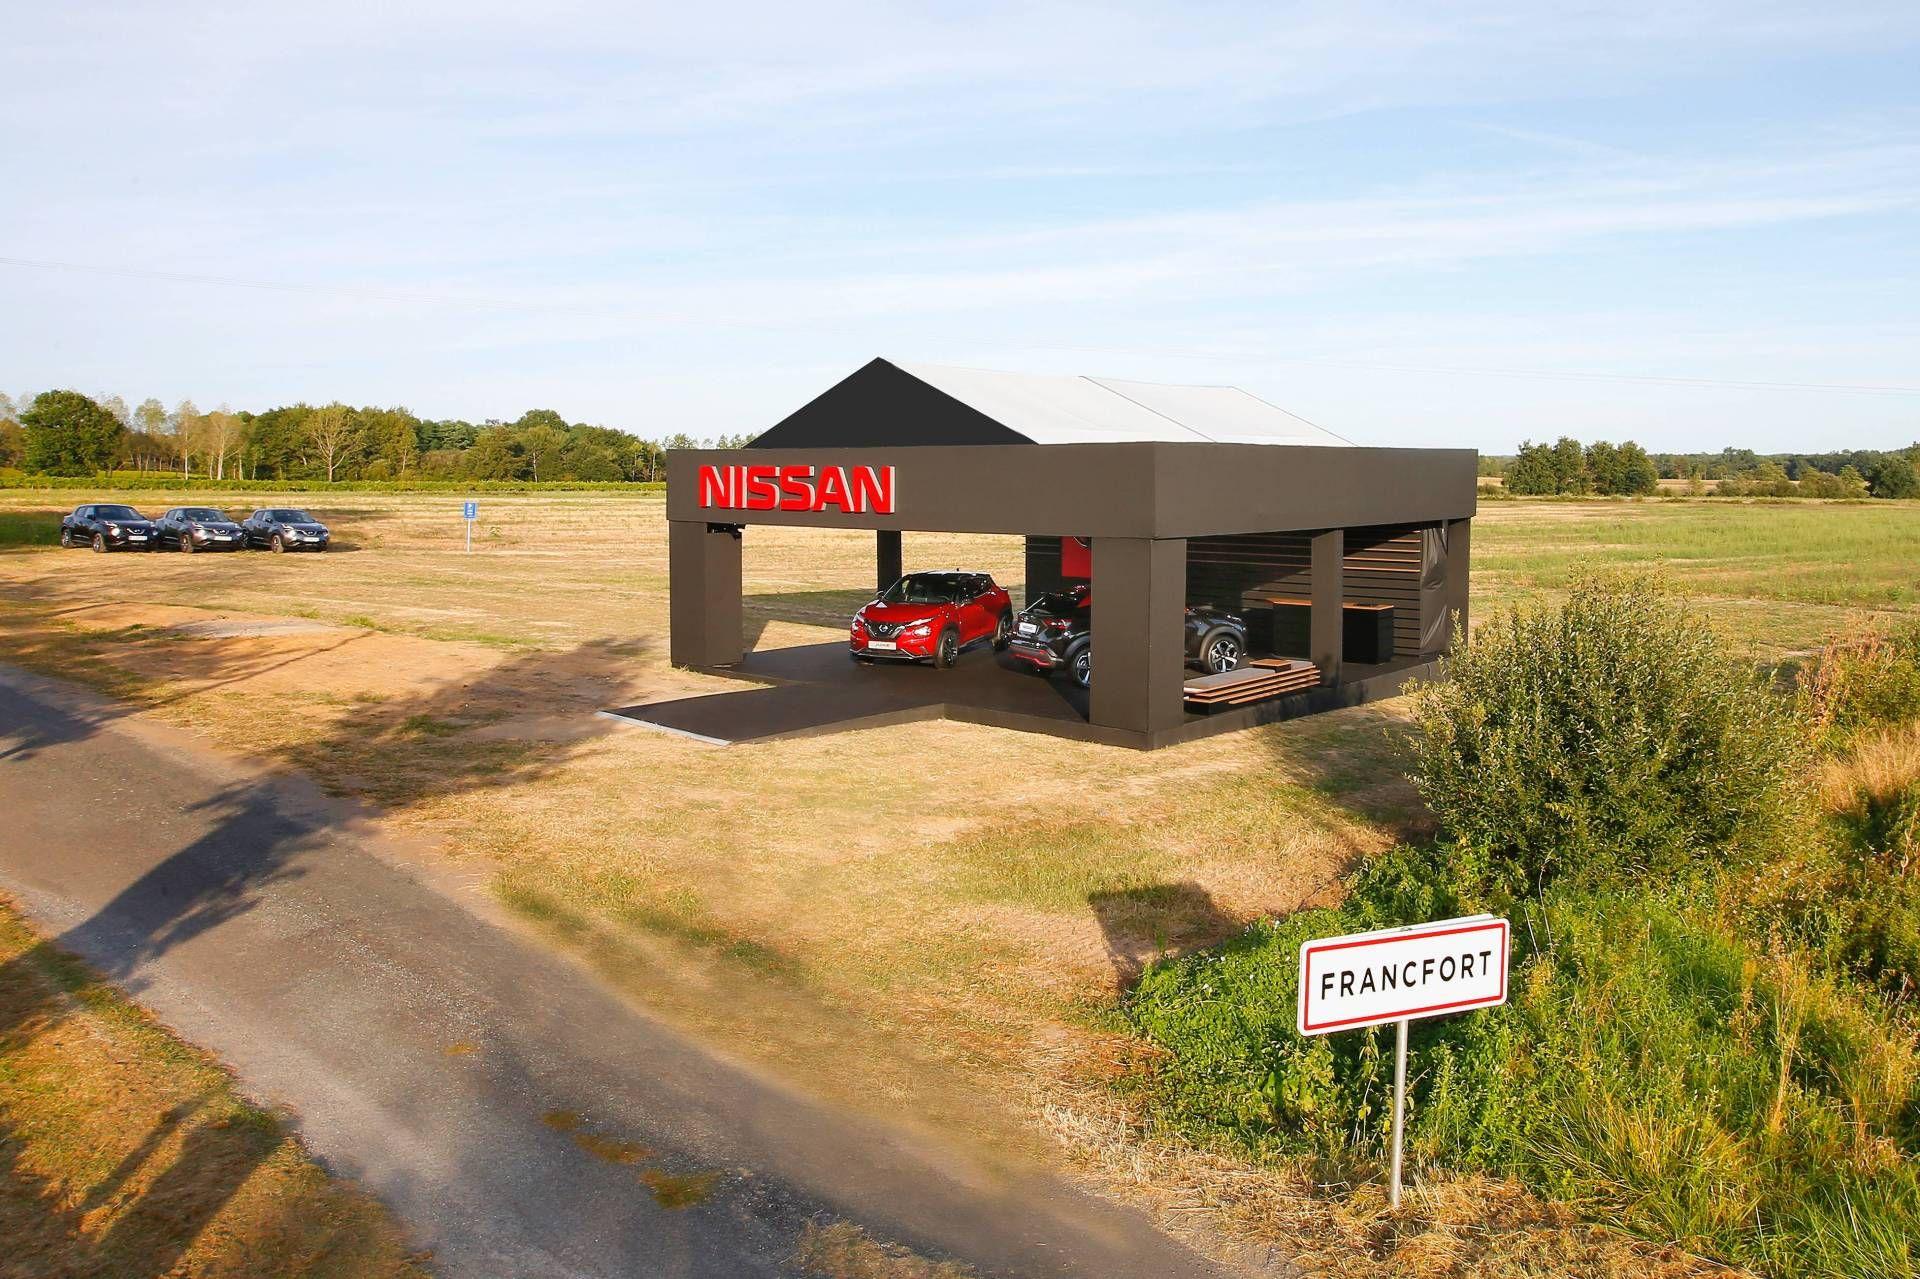 Nissan потролив Франкфуртський автосалон з власним дебютом Juke 2020 у Франкфорті